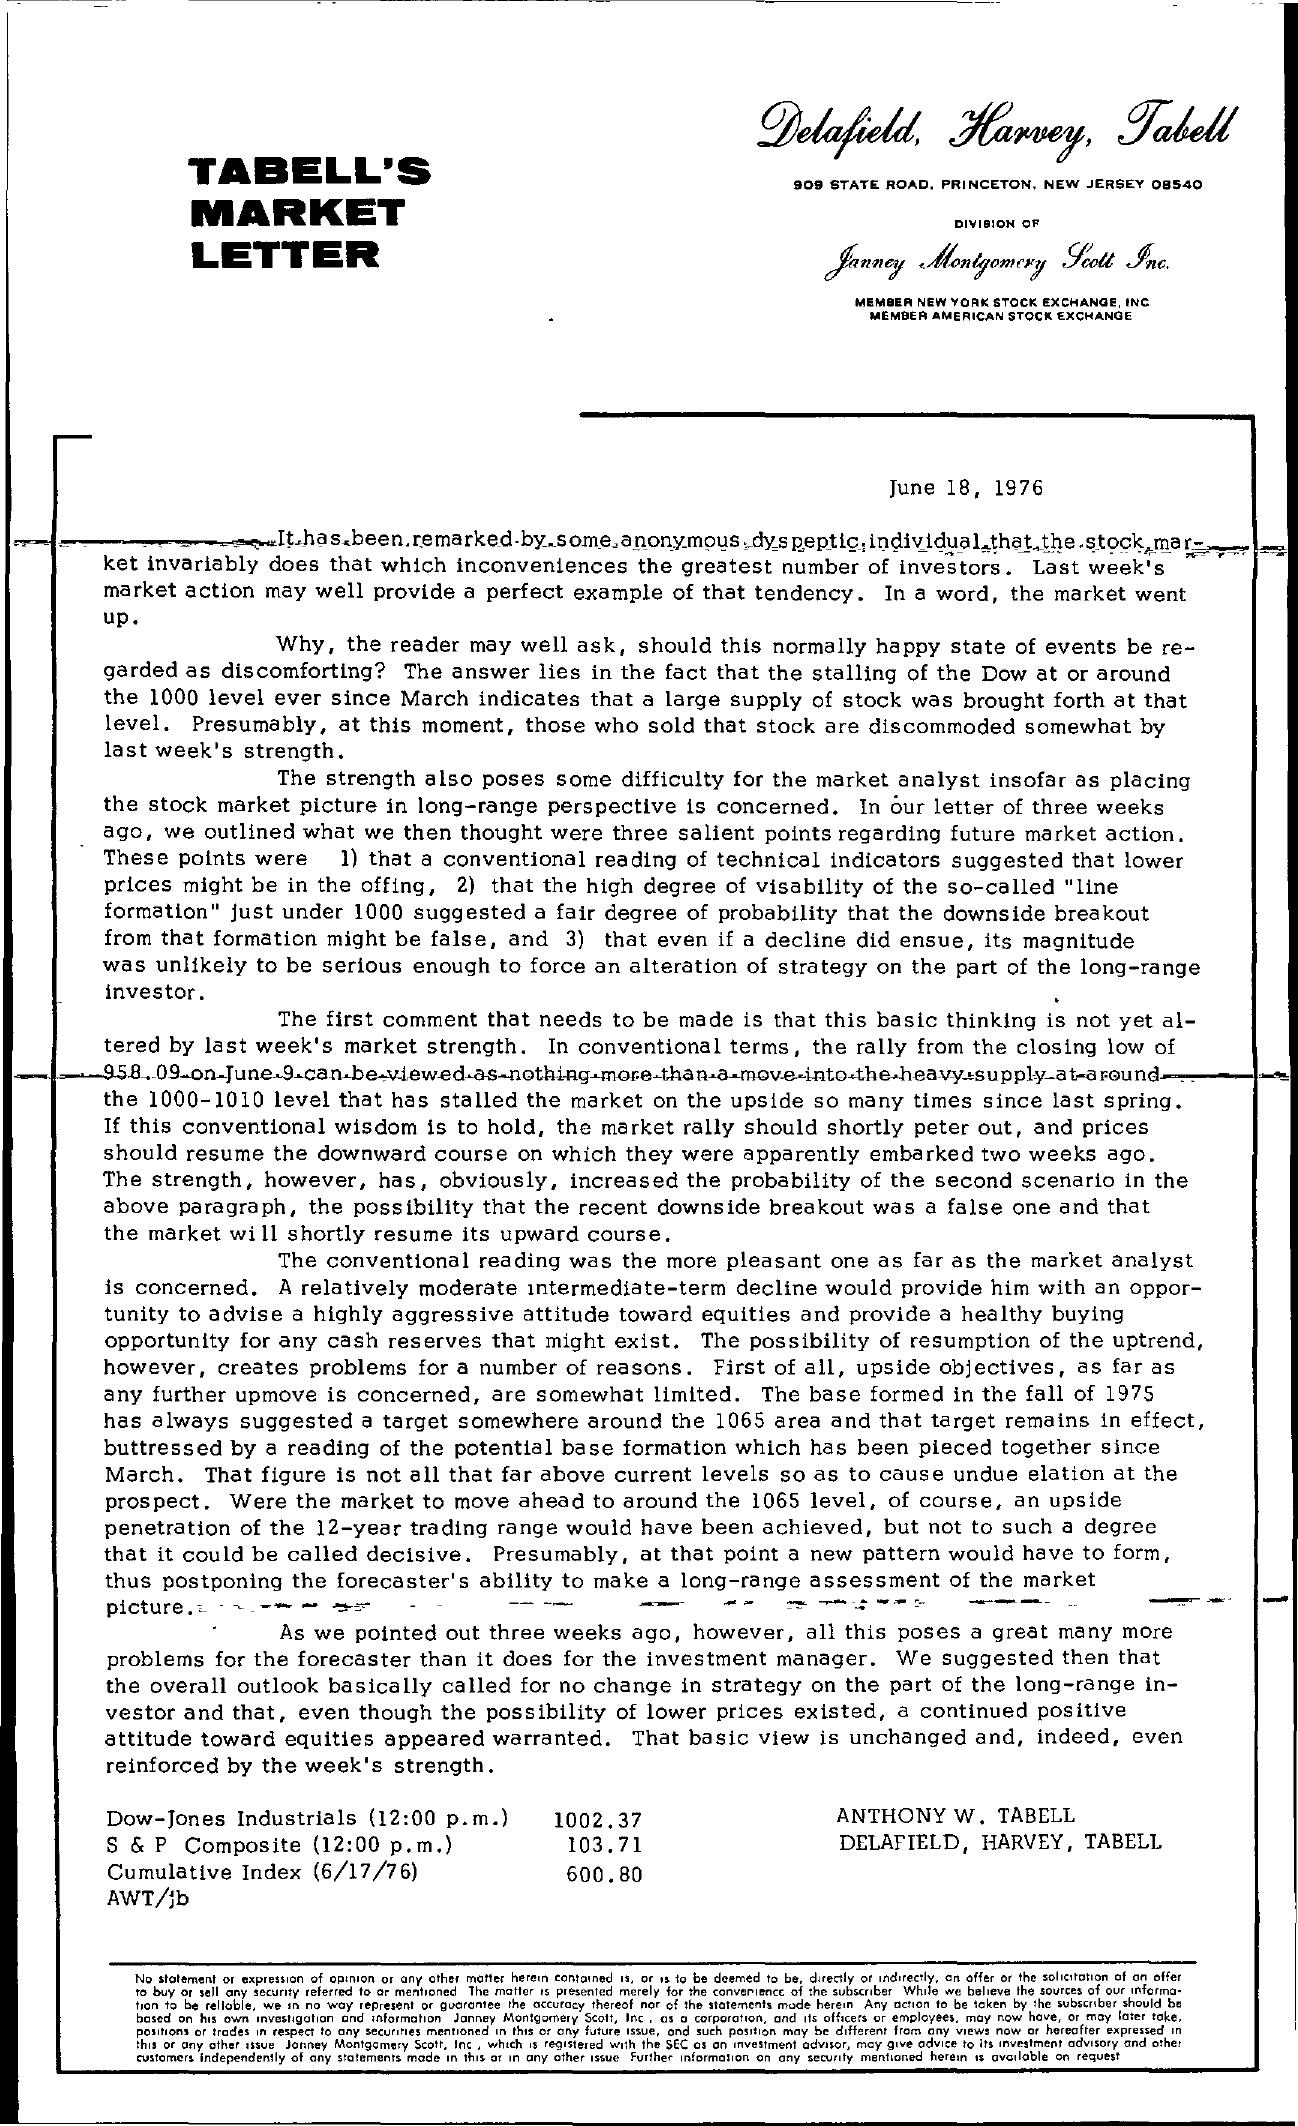 Tabell's Market Letter - June 18, 1976